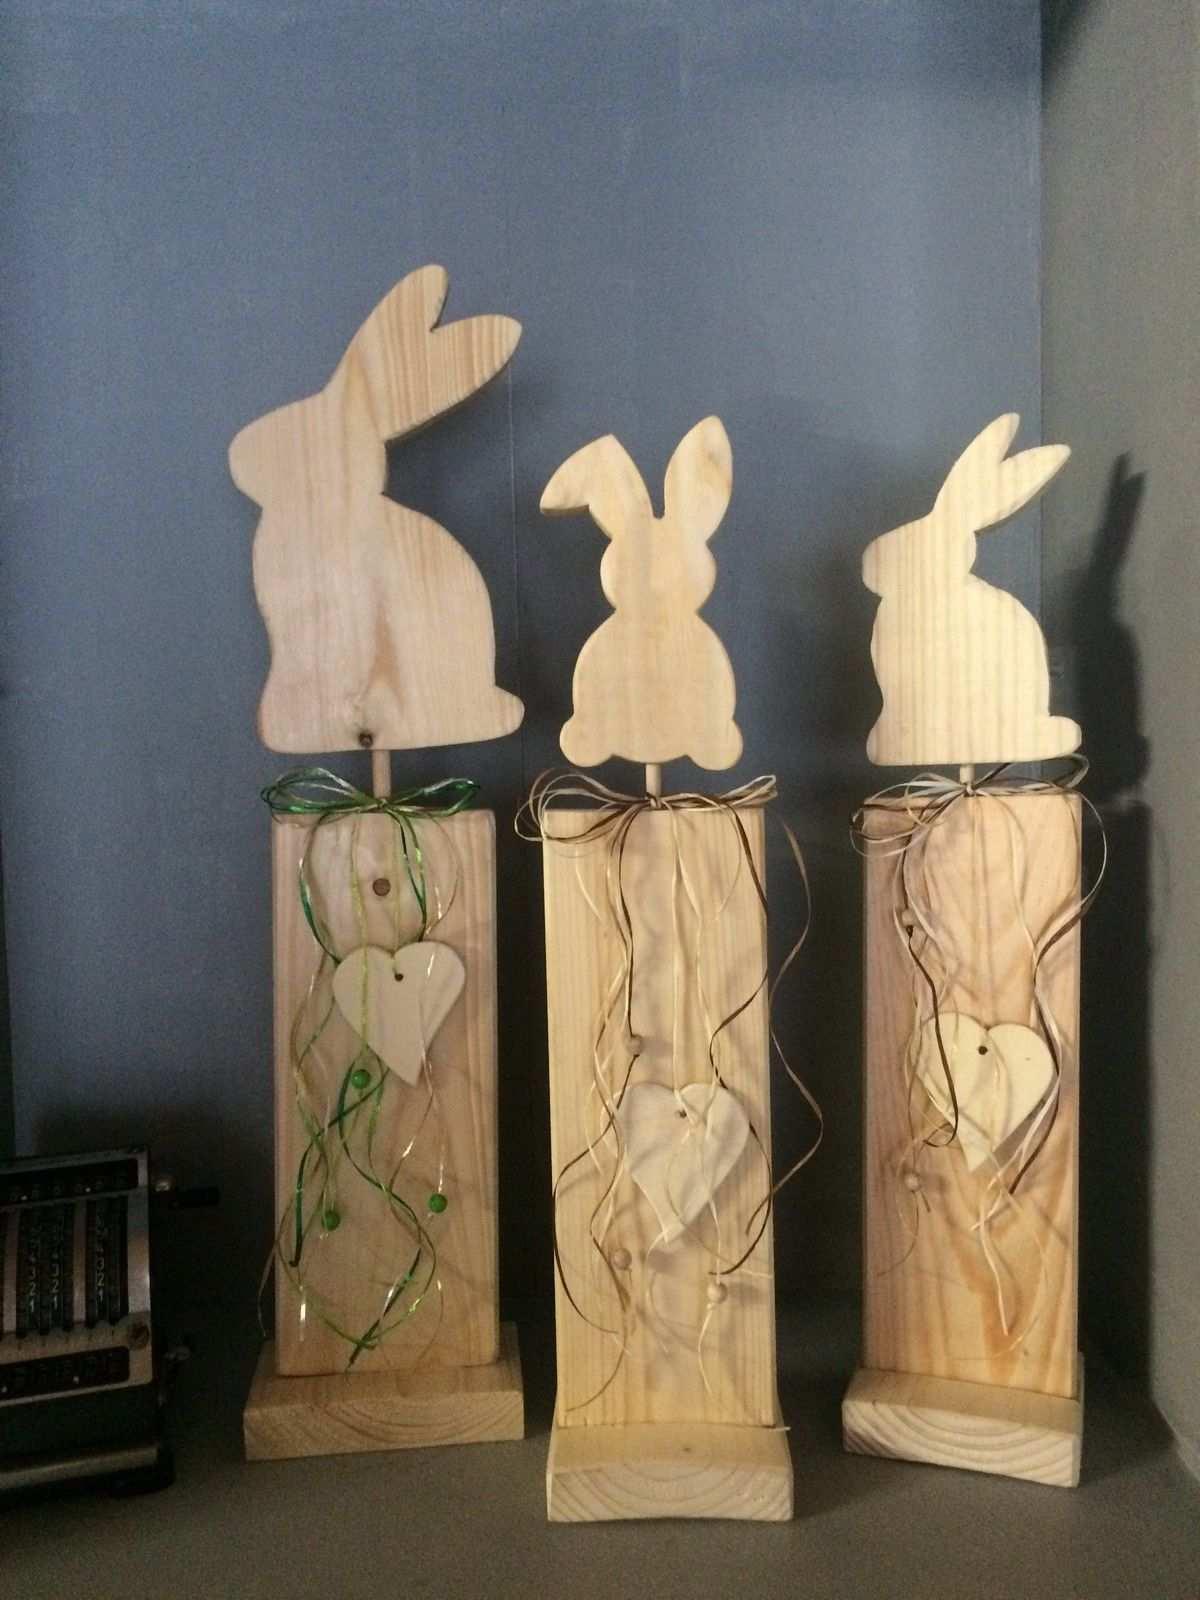 Shabby Chic Hase Ostern Deko Ausverkauf Handarbeit Ostern Deko Ostern Basteln Holz Dekoration